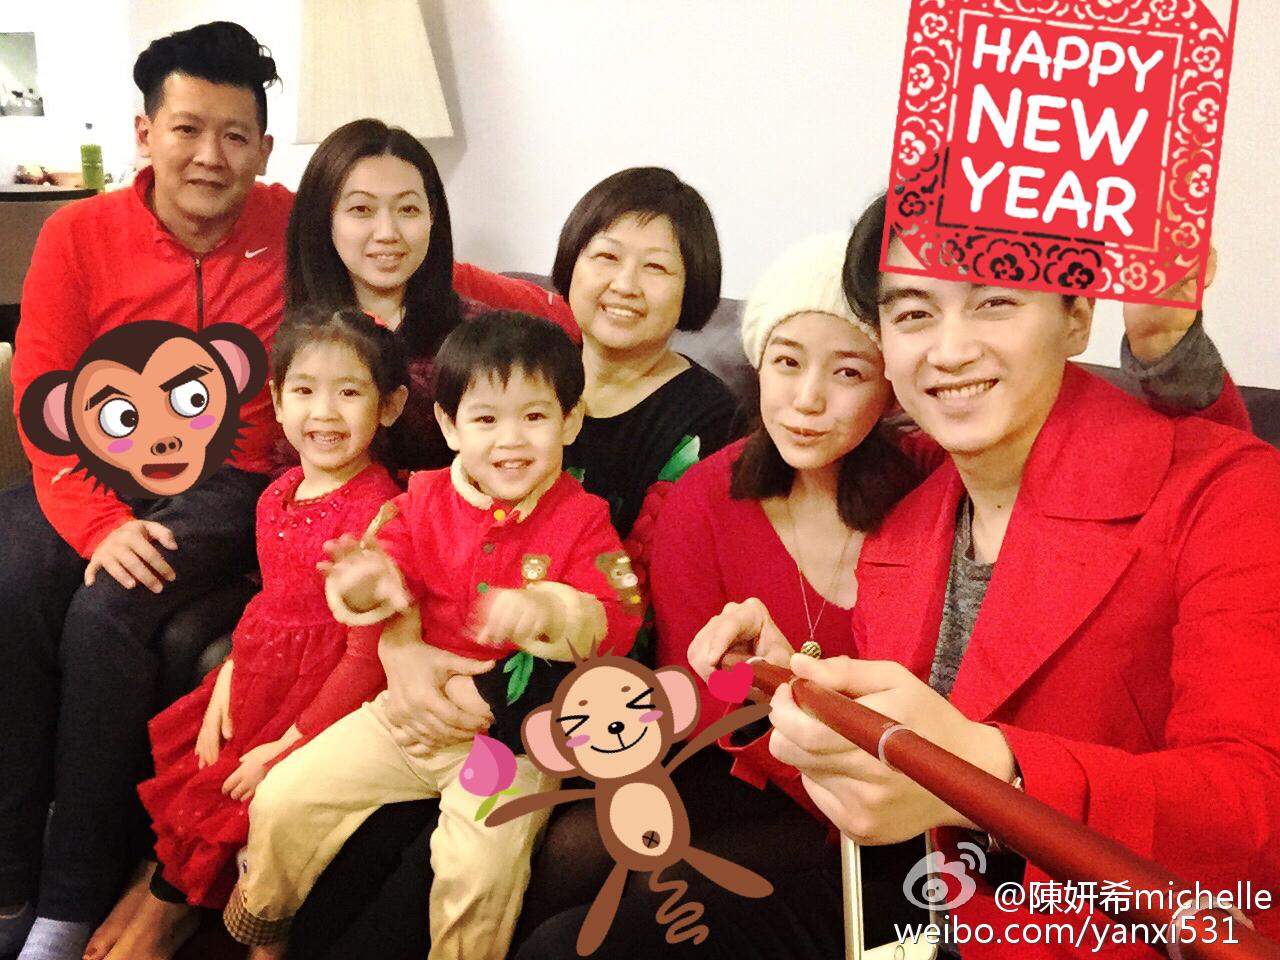 陈妍希晒陈晓和家人合影 陈母笑容满面